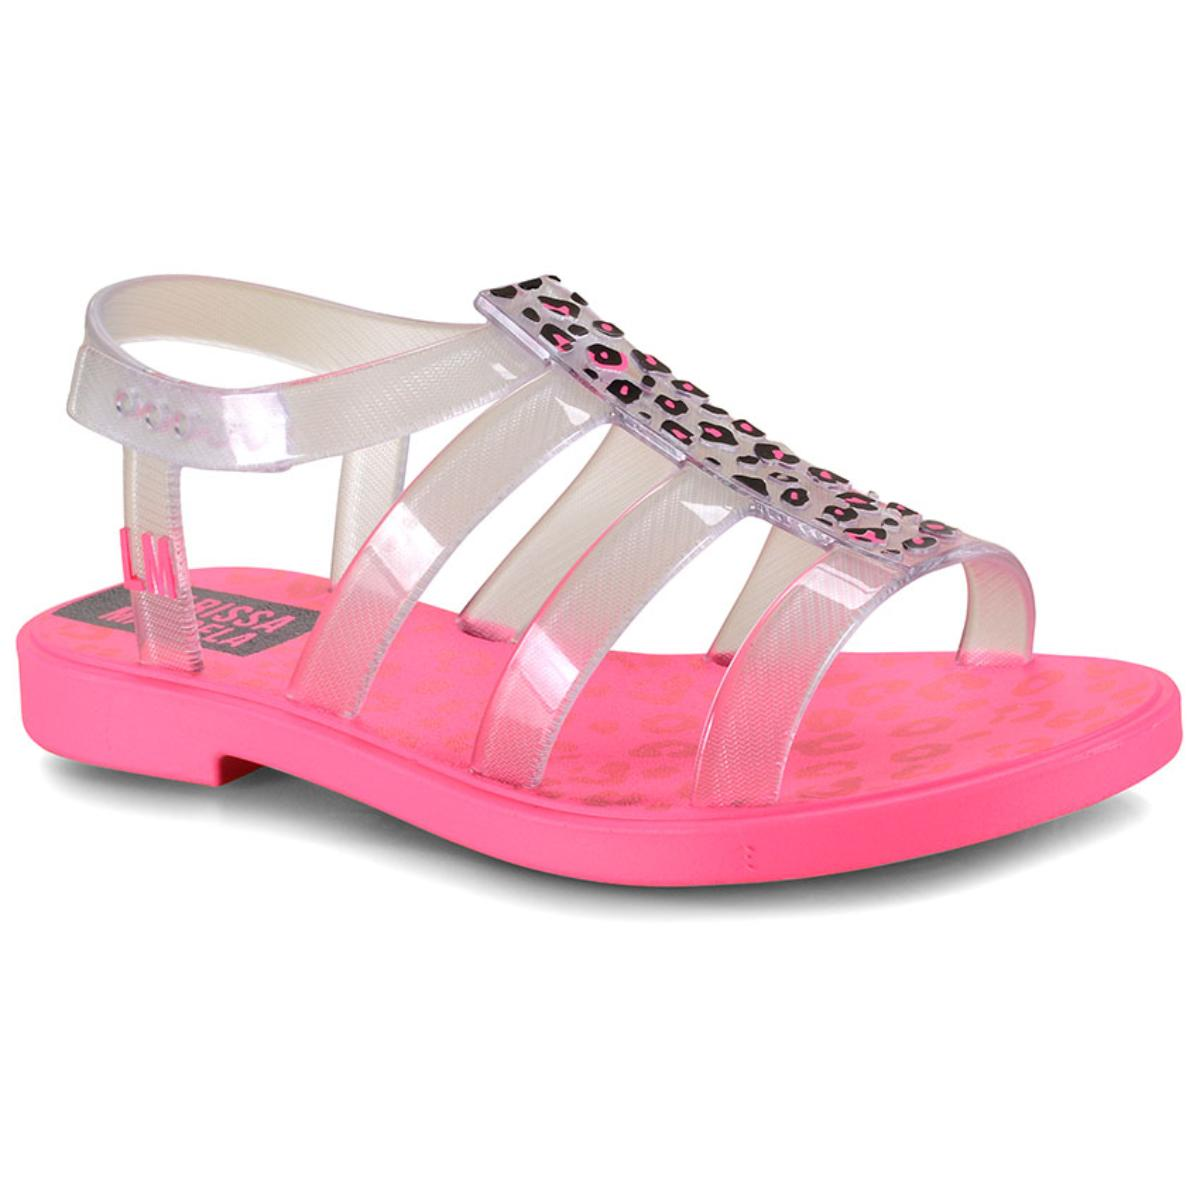 Sandália Fem Infantil Grendene 22021 25078 Larissa Manoela Trend Bag Rosa Neon/vidro